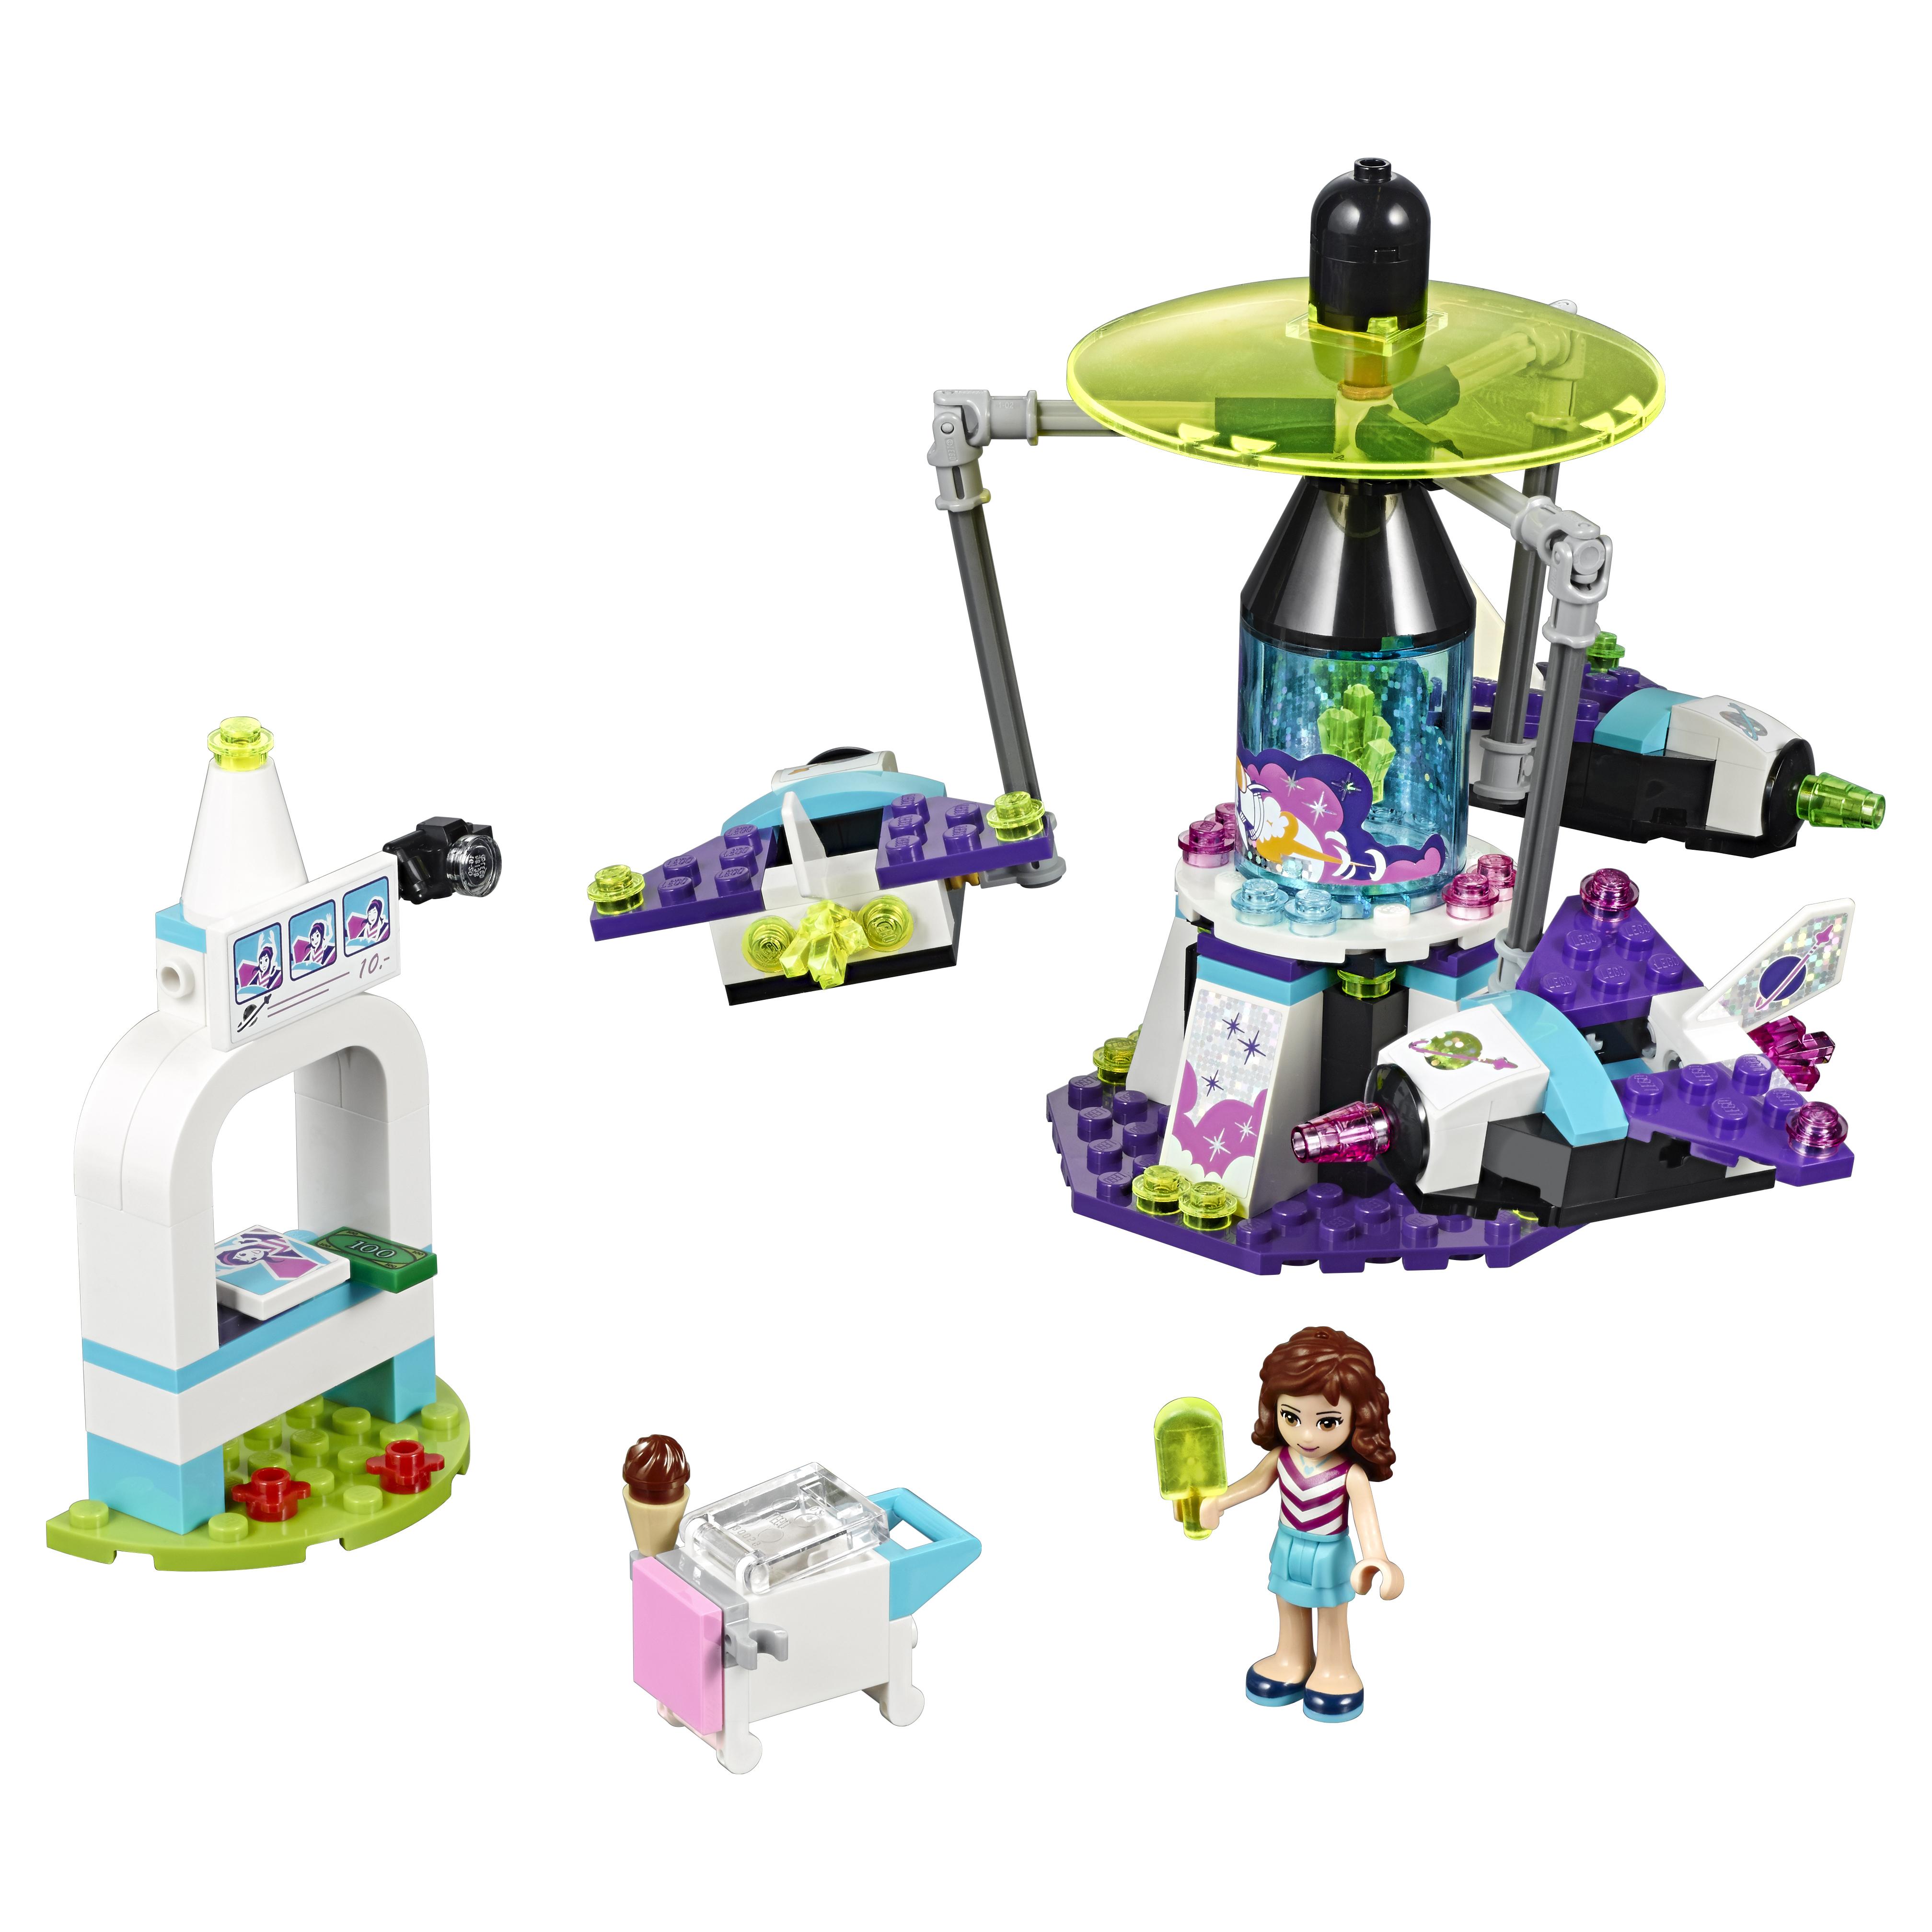 Конструктор LEGO Friends Парк развлечений: Космическое путешествие (41128) фото